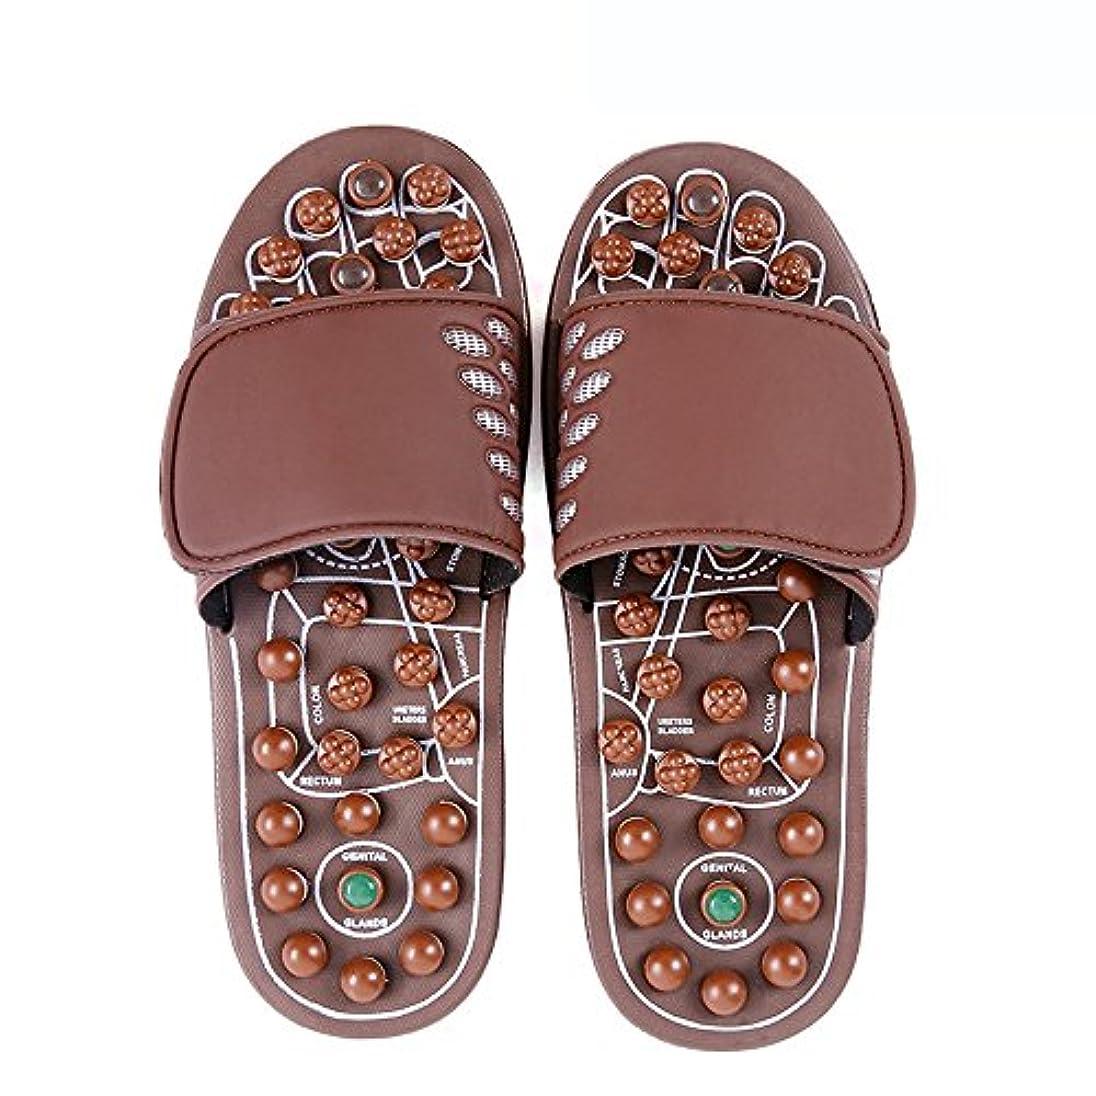 恐ろしいです冗談で背骨快適 ジェイドマッサージスリッパ女性の足指圧ホームシューズ滑り止めスリッパ屋内マッサージシューズ(オプションのサイズ) 増加した (サイズ さいず : L(43-46))